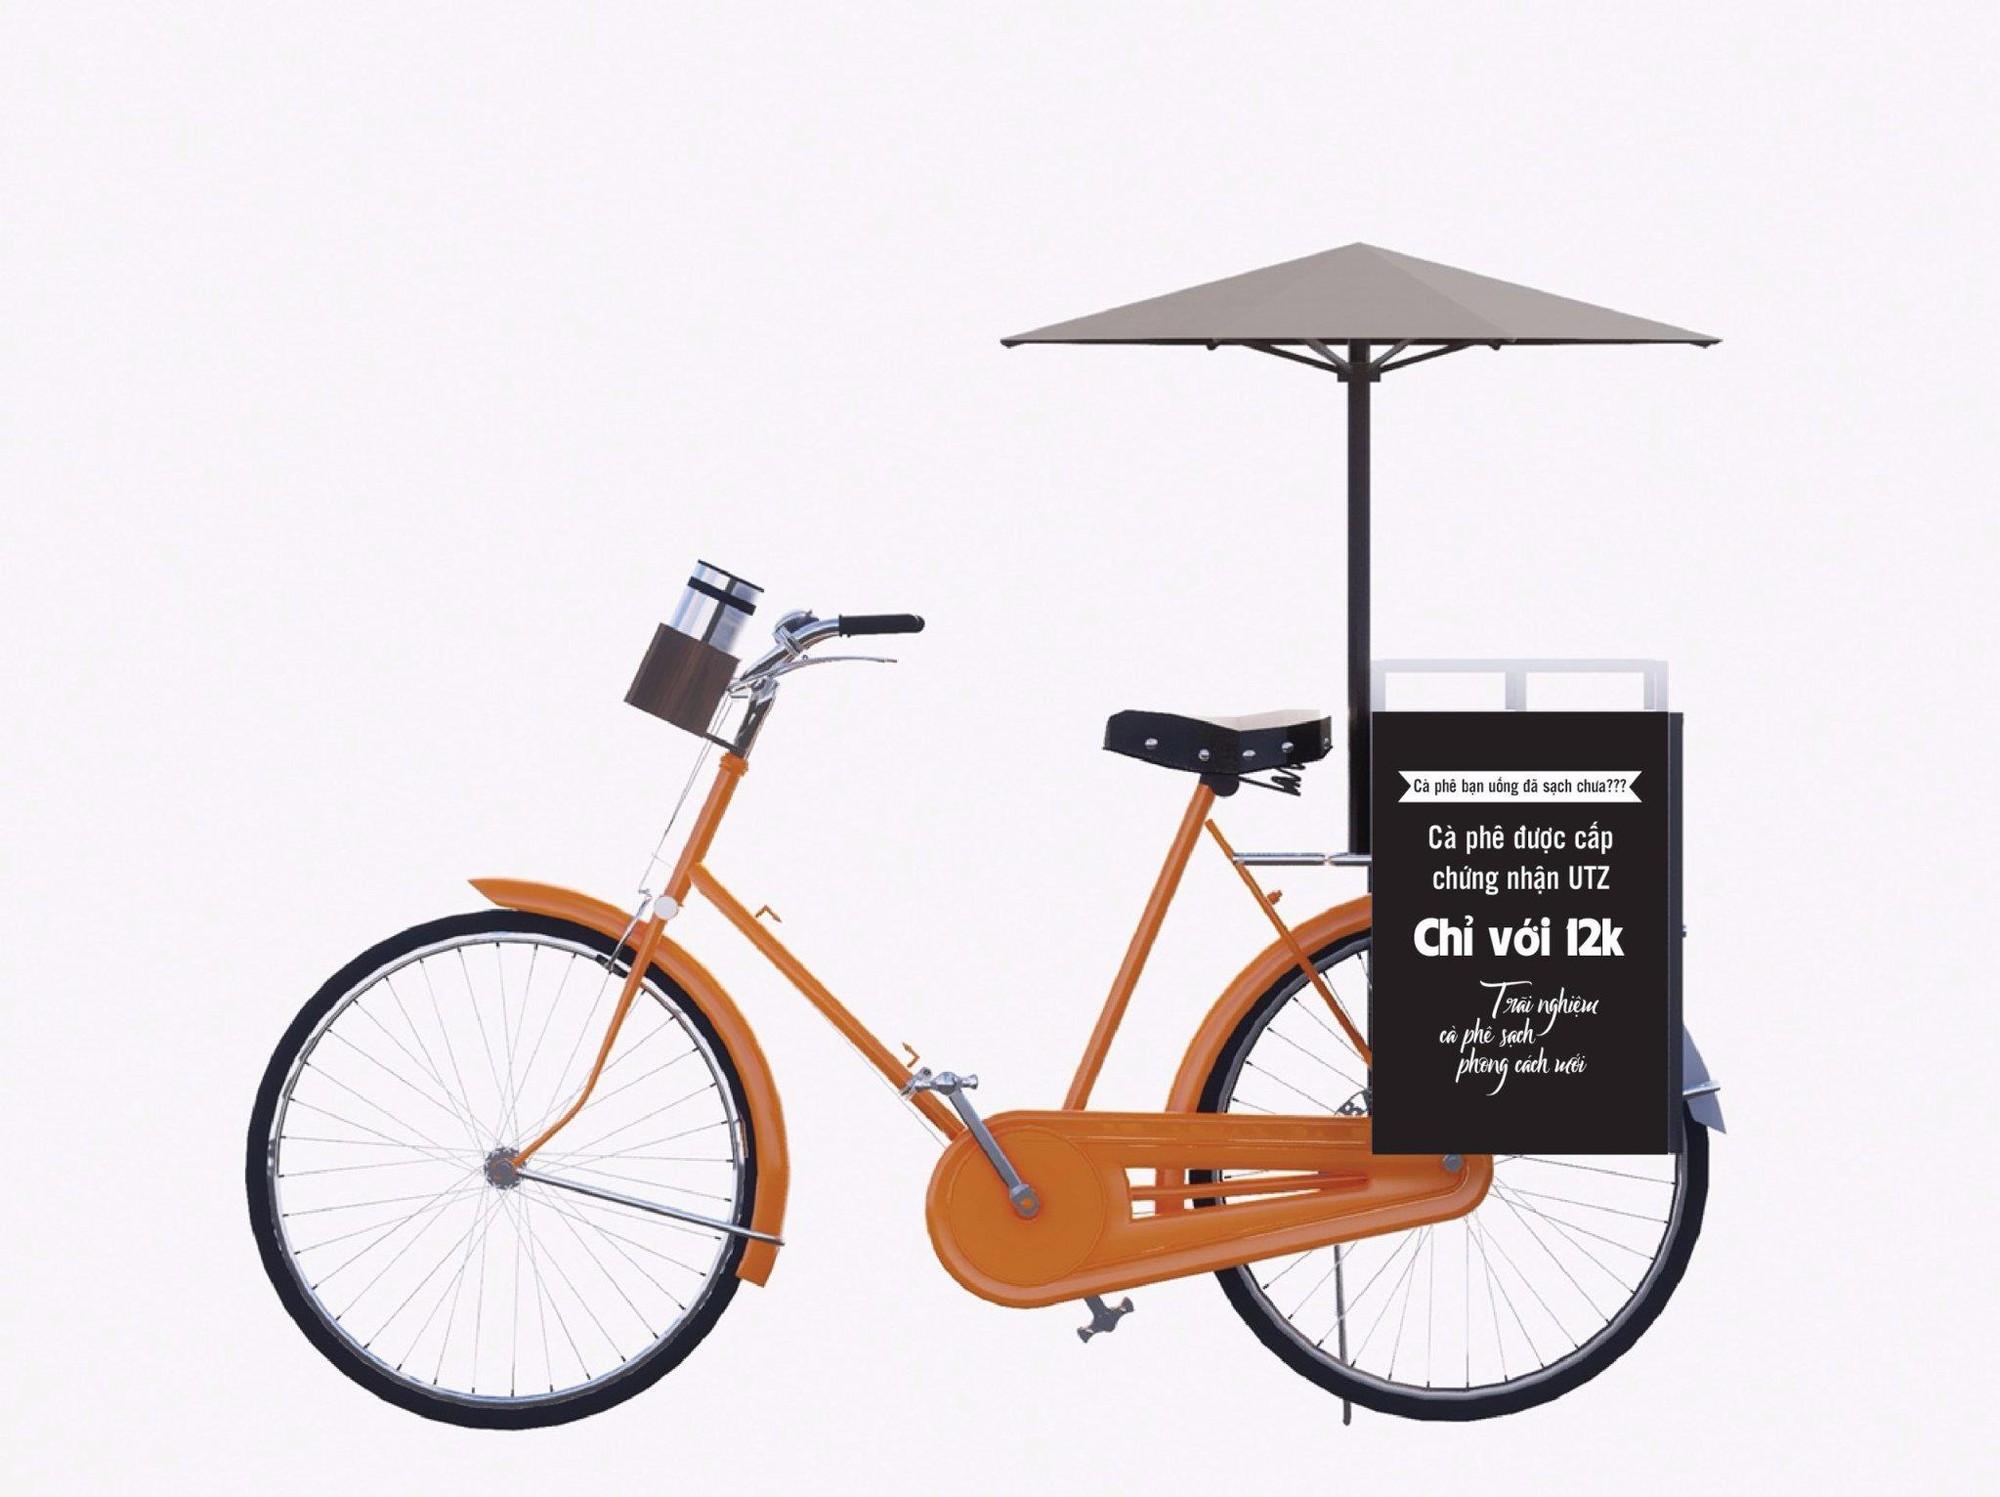 Cafe xe đạp lưu động Rio Bici - mang trọn hương vị mảnh đất cao nguyên xuống Sài Gòn sôi động - Ảnh 1.